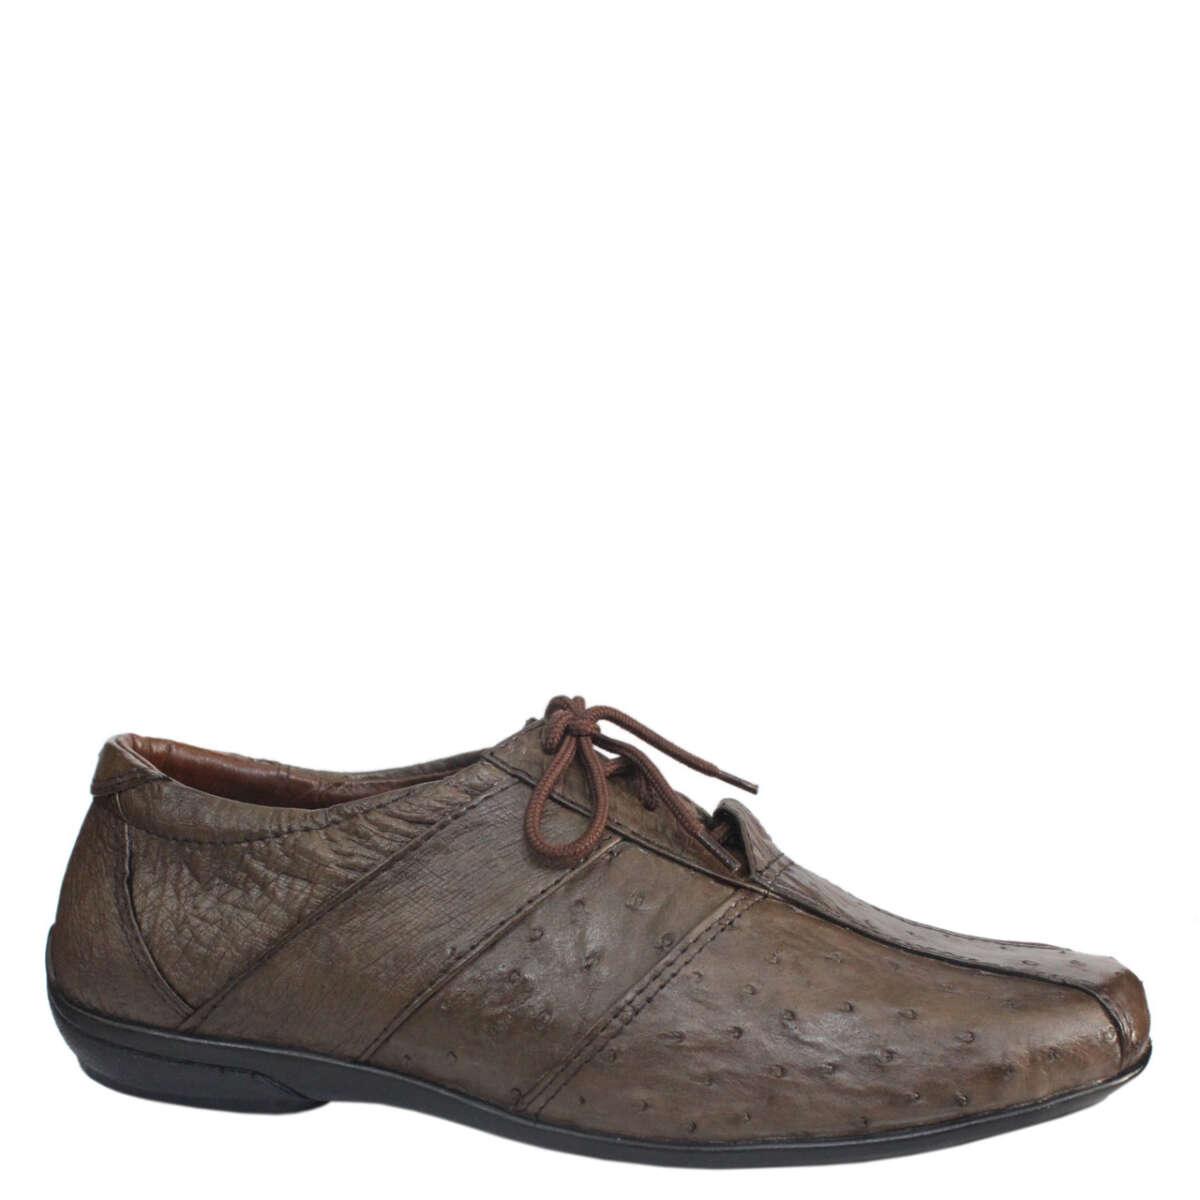 Giày nam da mình đà điểu E867a